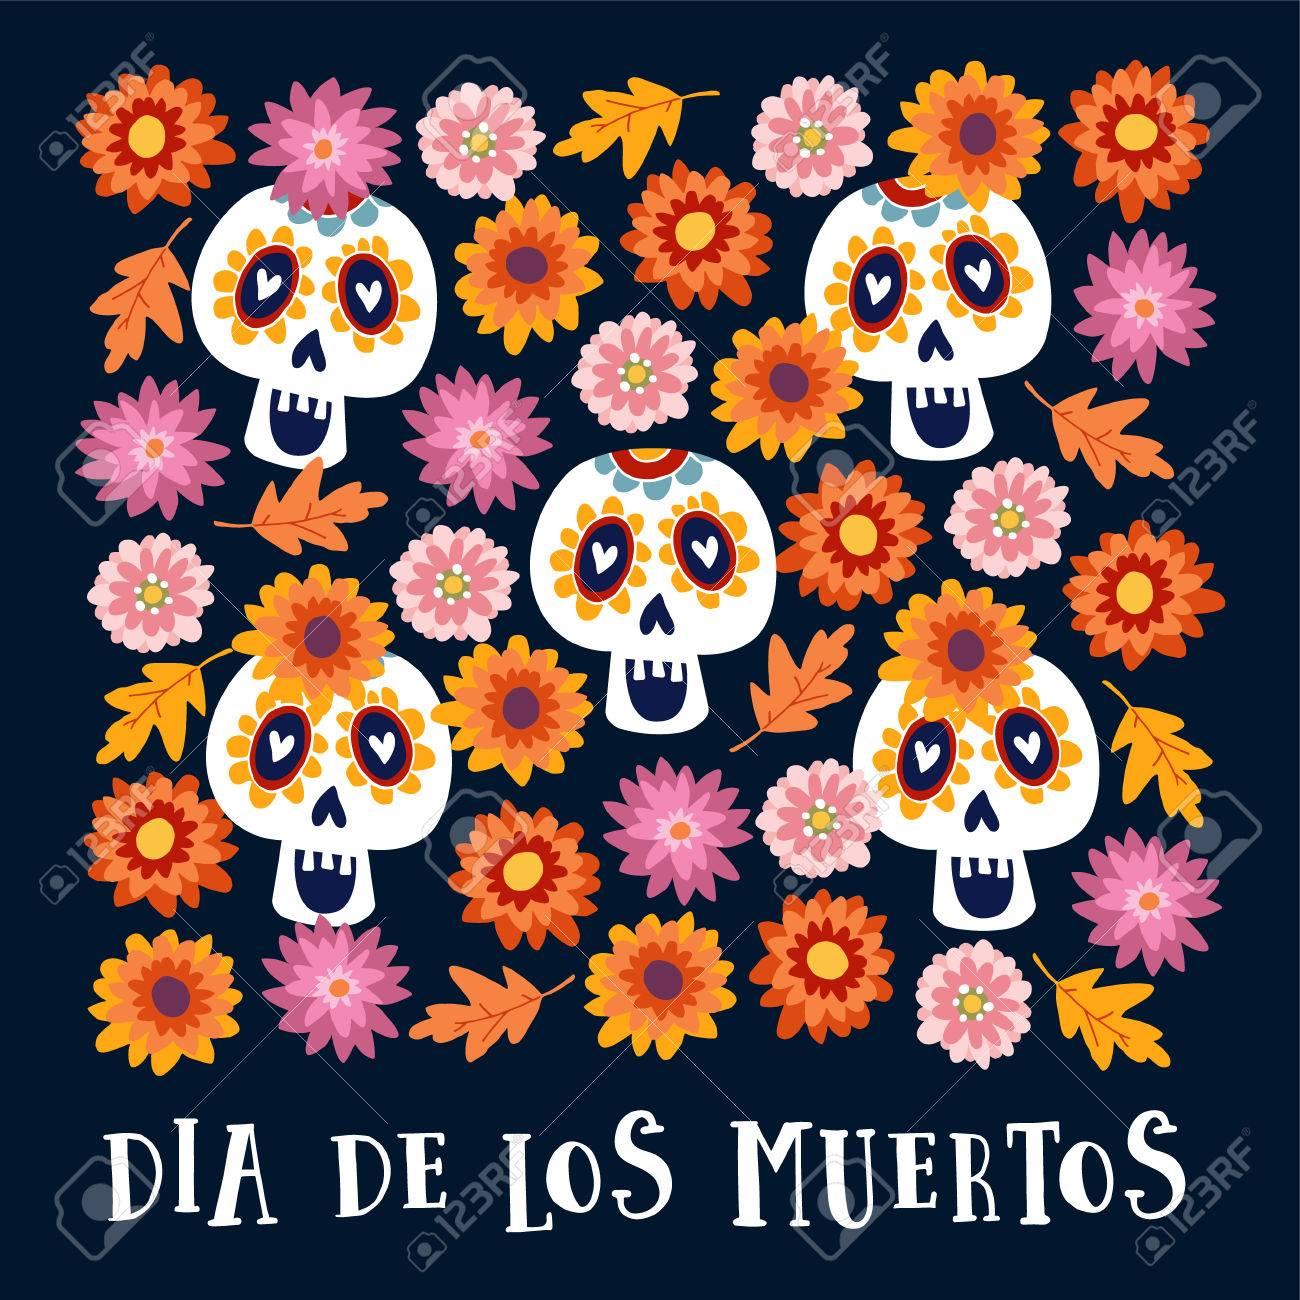 dia de los muertos or halloween greeting card invitation mexican